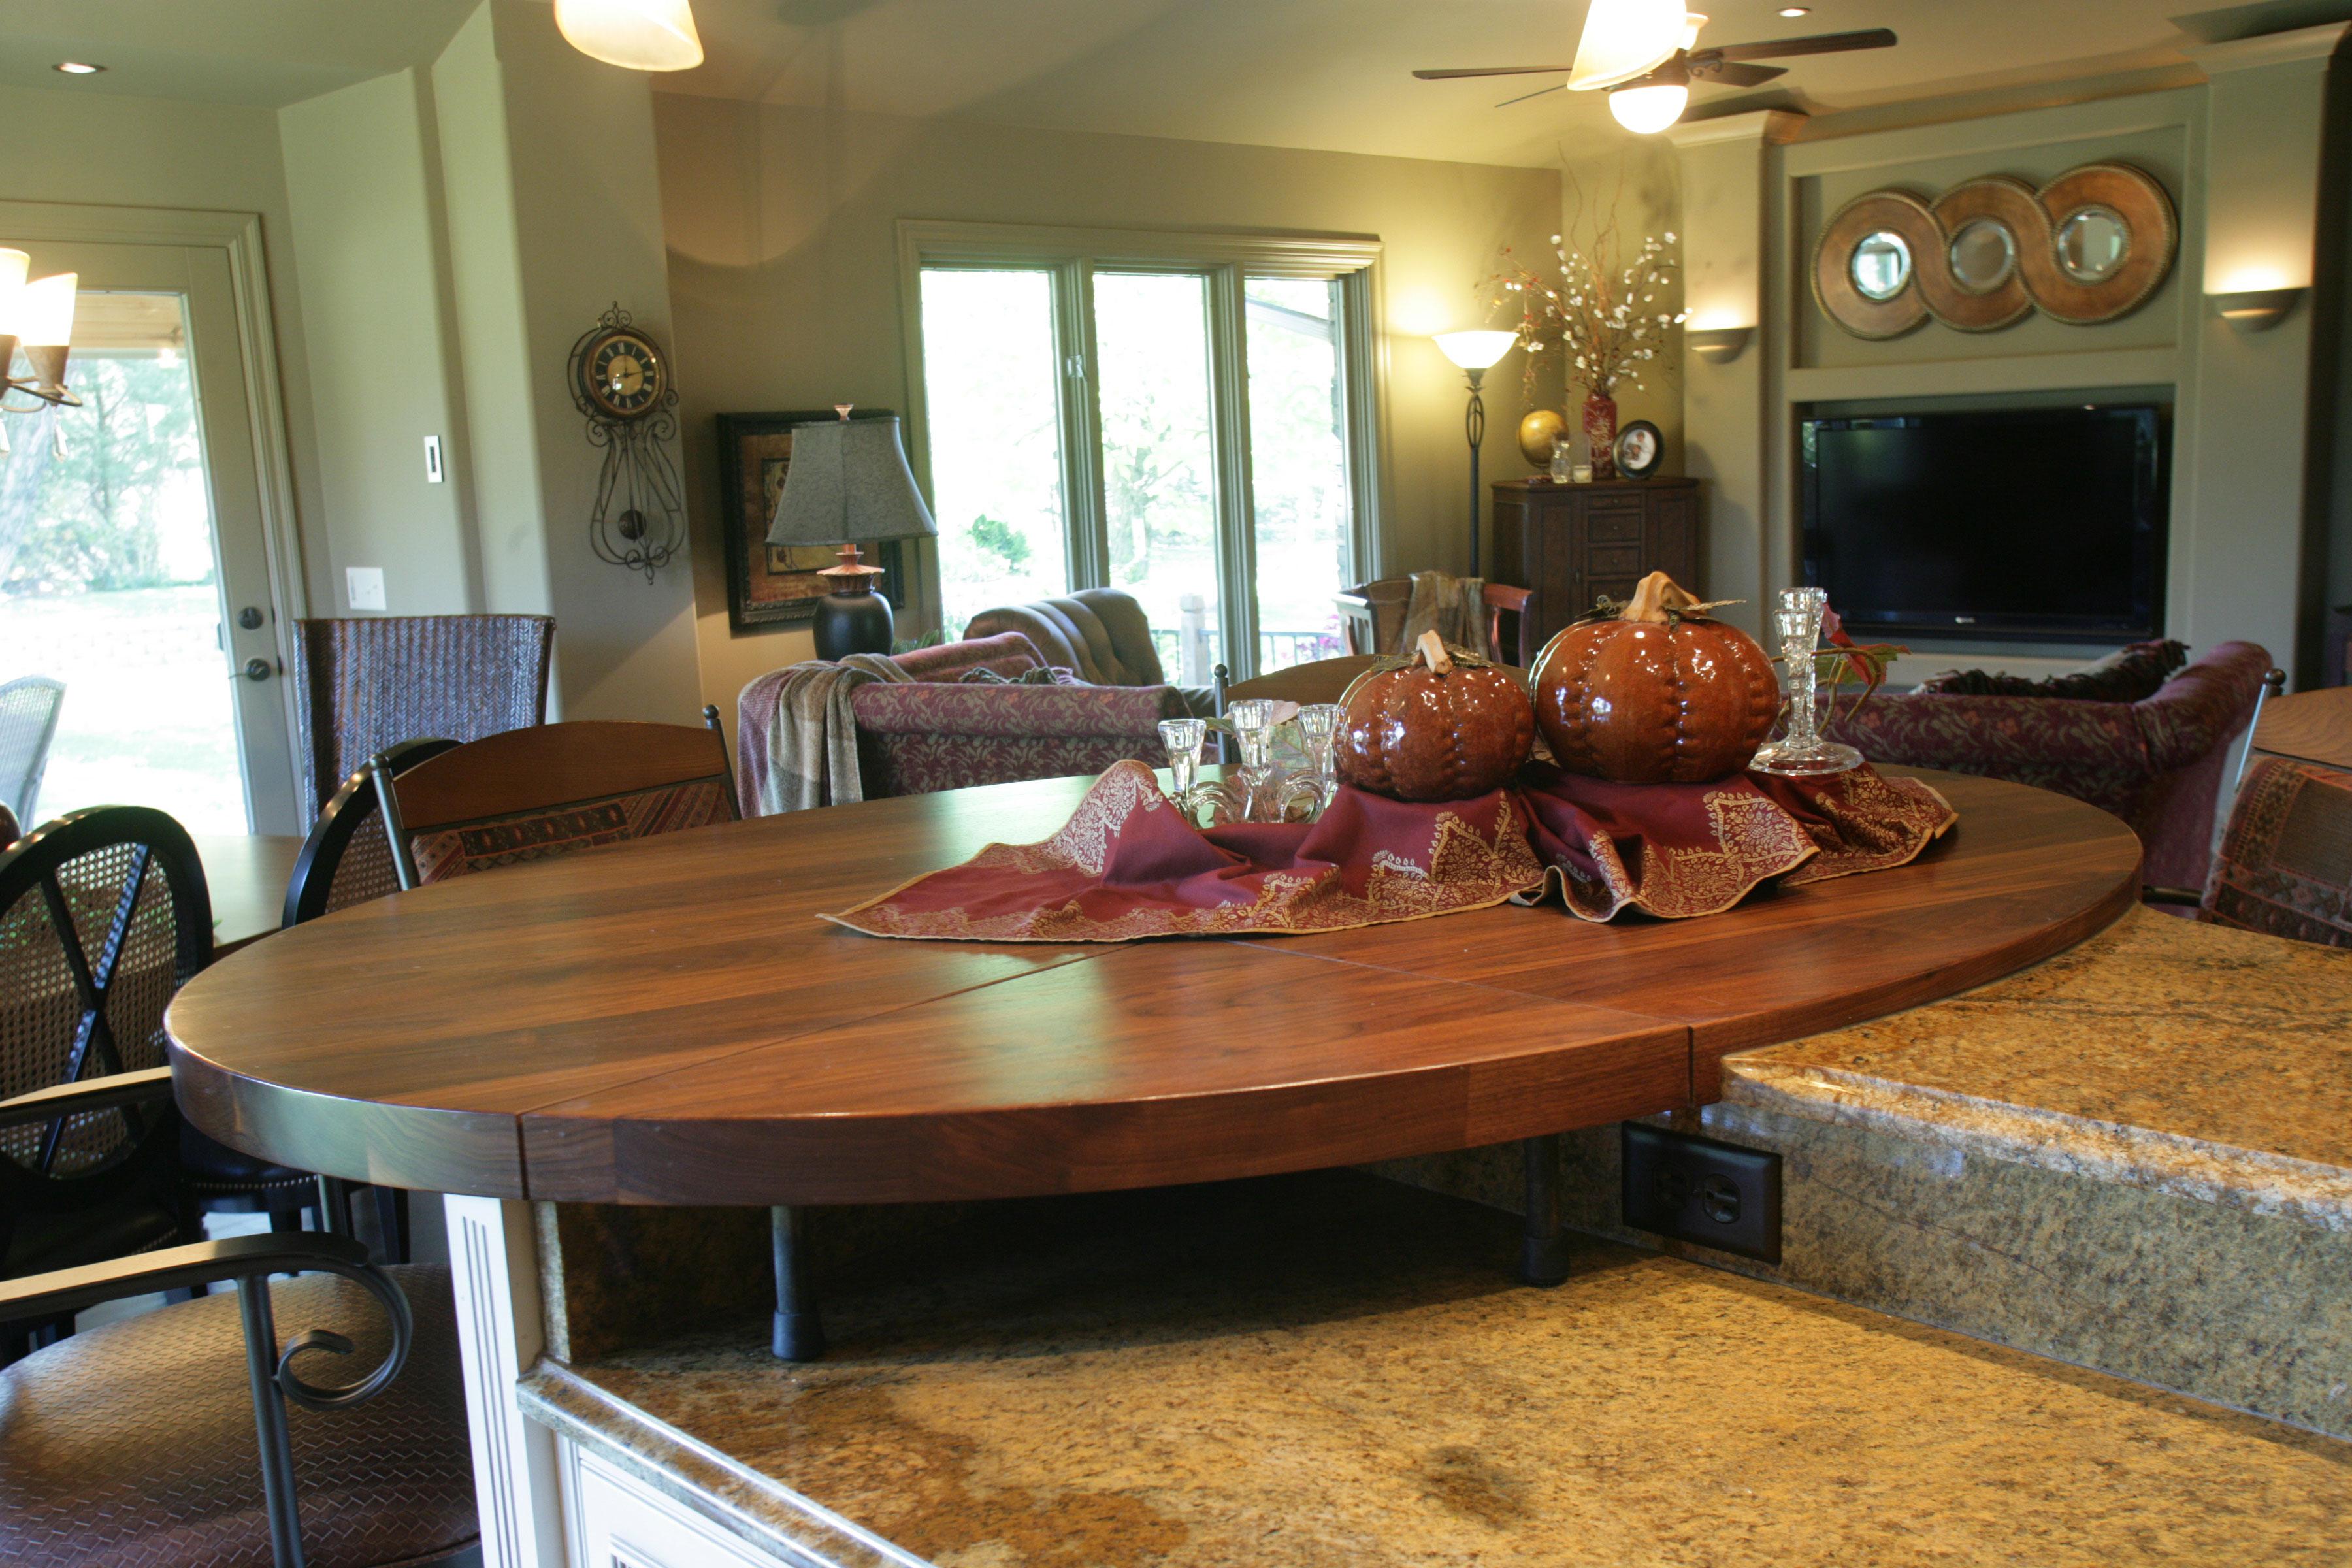 Shawn mccune kitchen design gallery - Click Click Click